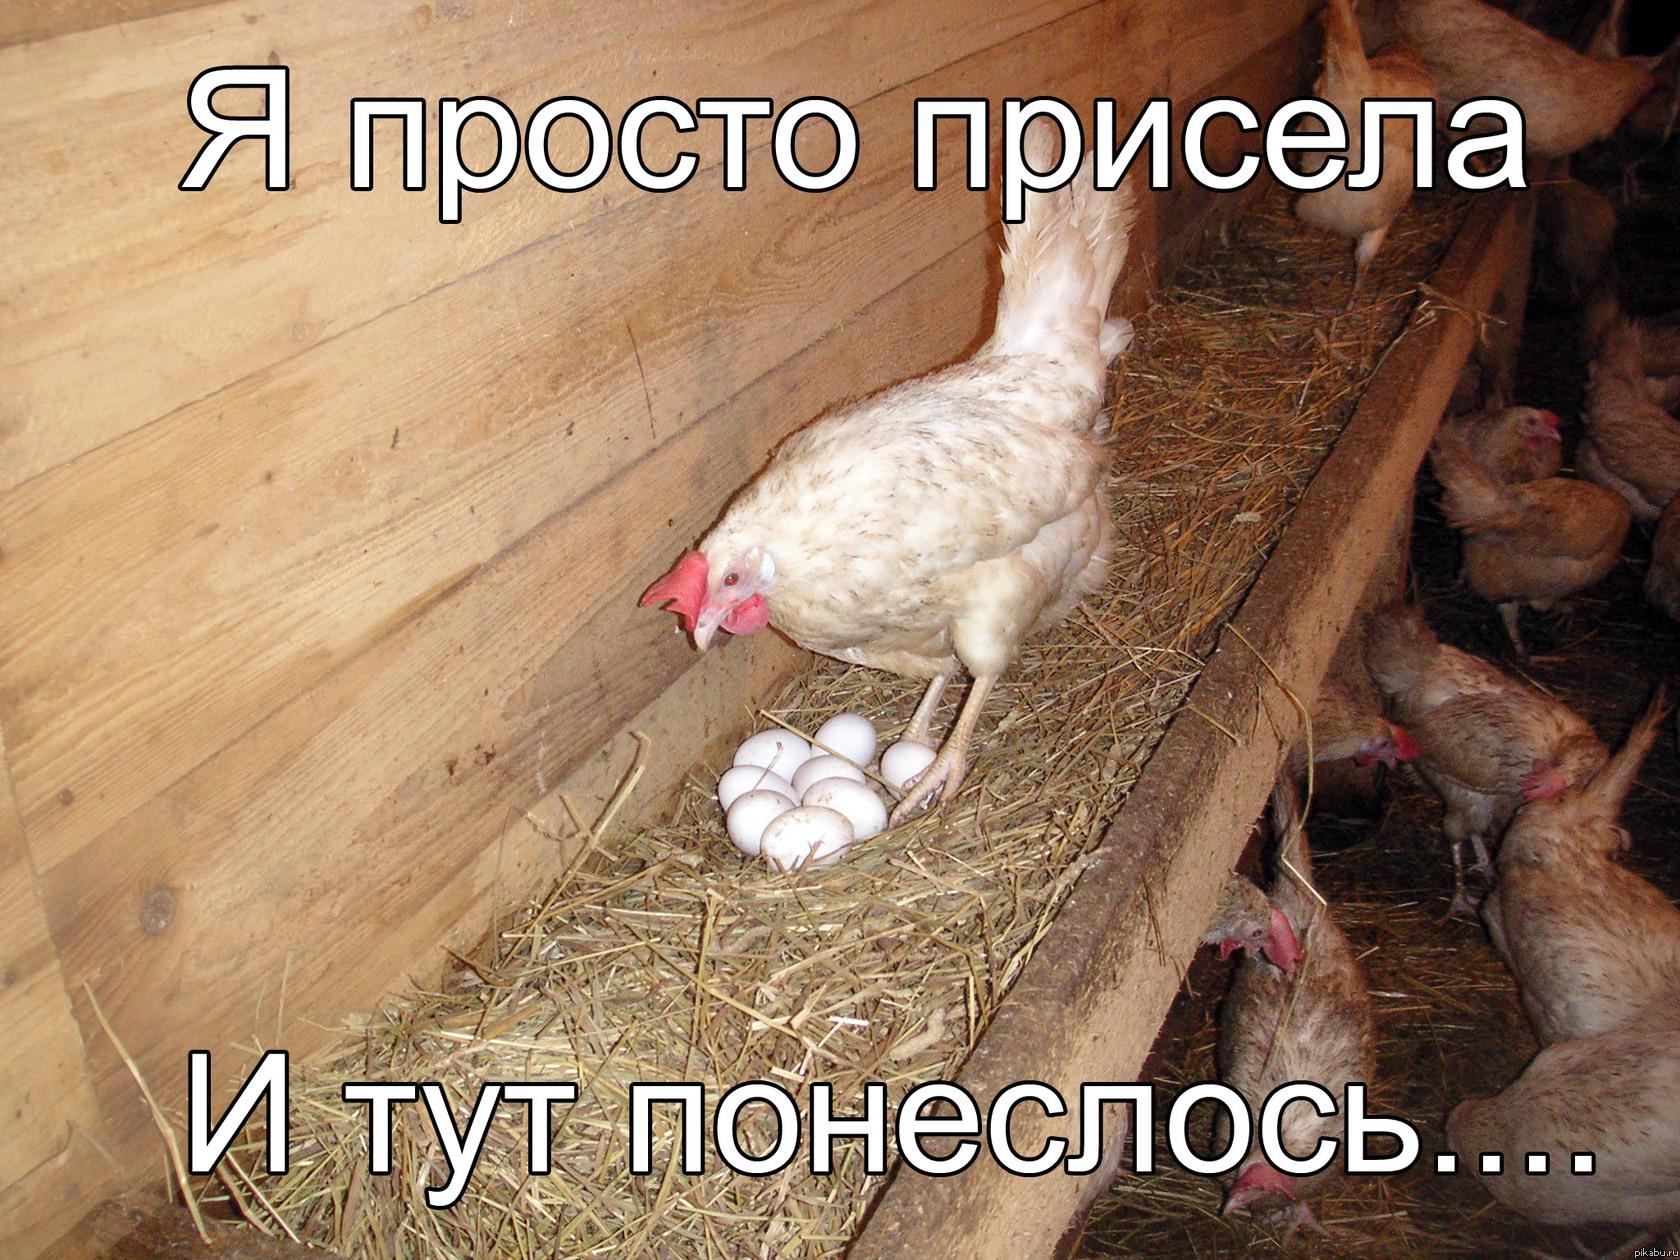 Почему куры клюют свои яйца и что с этим делать